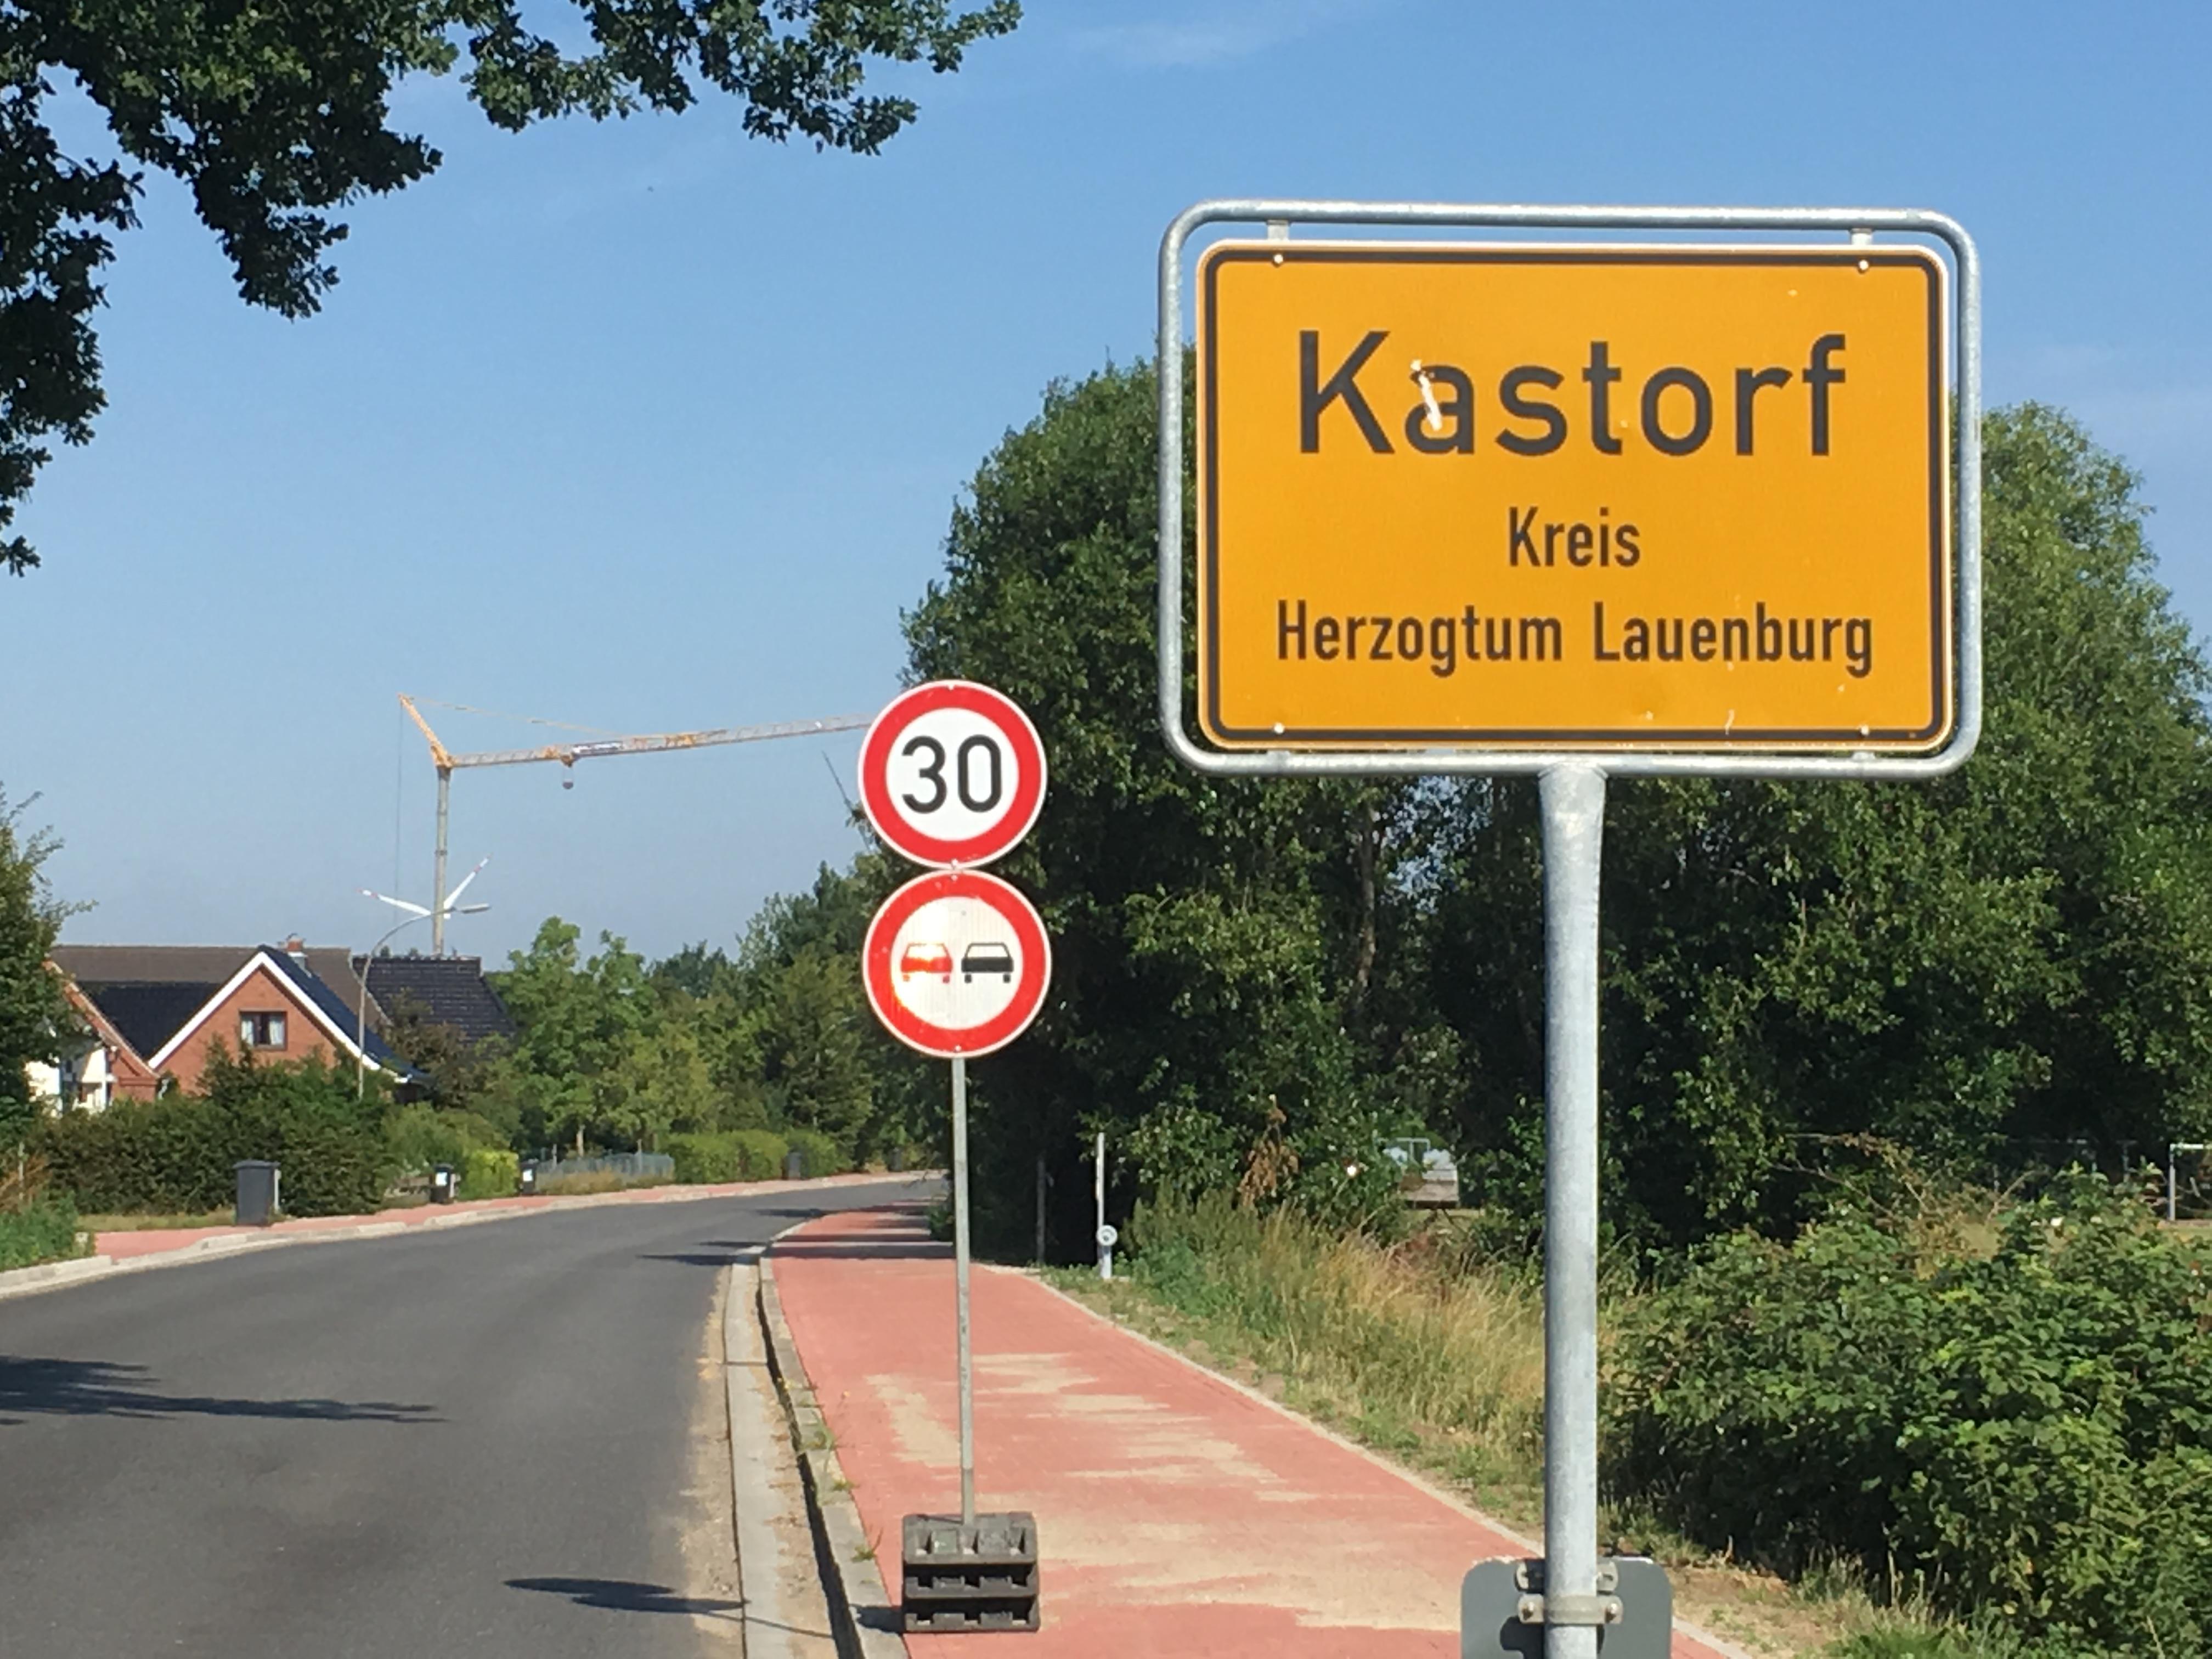 Kastorf: Ende Juli Vollsperrung Und Behinderungen Des Verkehrs In Der Ratzeburger Straße (Bundesstraße 208)